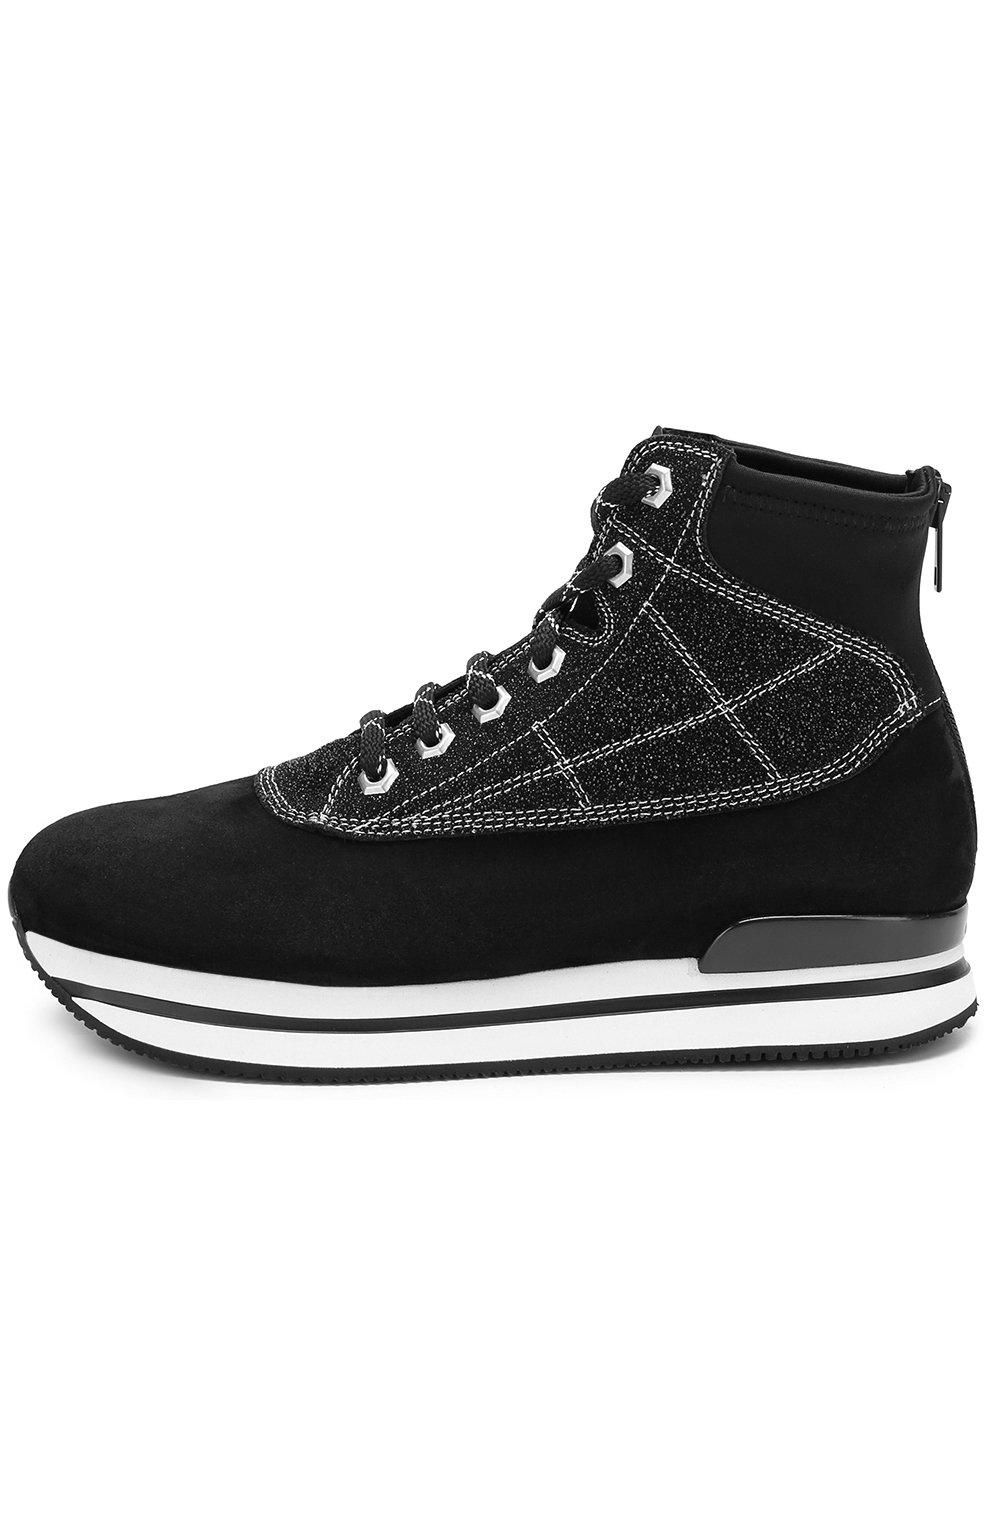 Высокие замшевые кроссовки на шнуровке Hogan черные | Фото №3